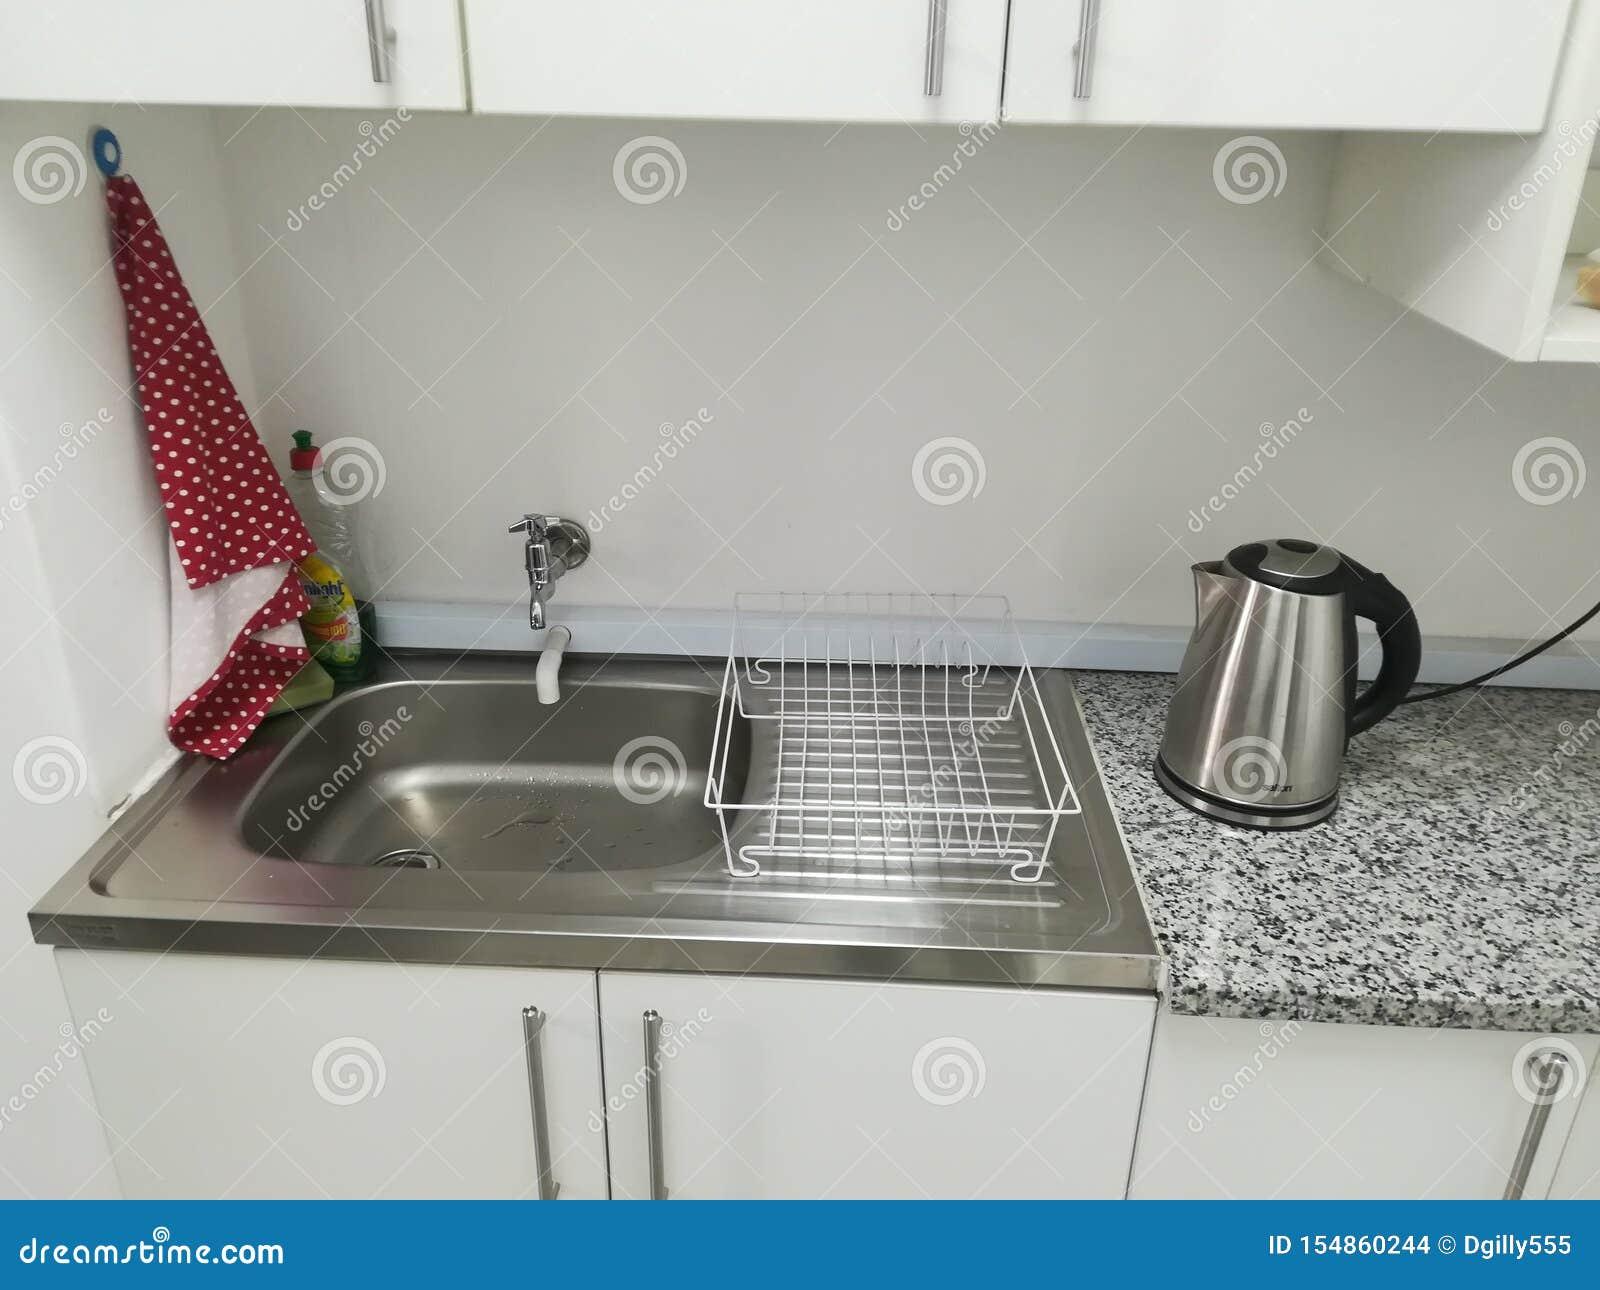 Bureau Plan De Travail kitchenette dans un bureau sur l'affichage - l'espace